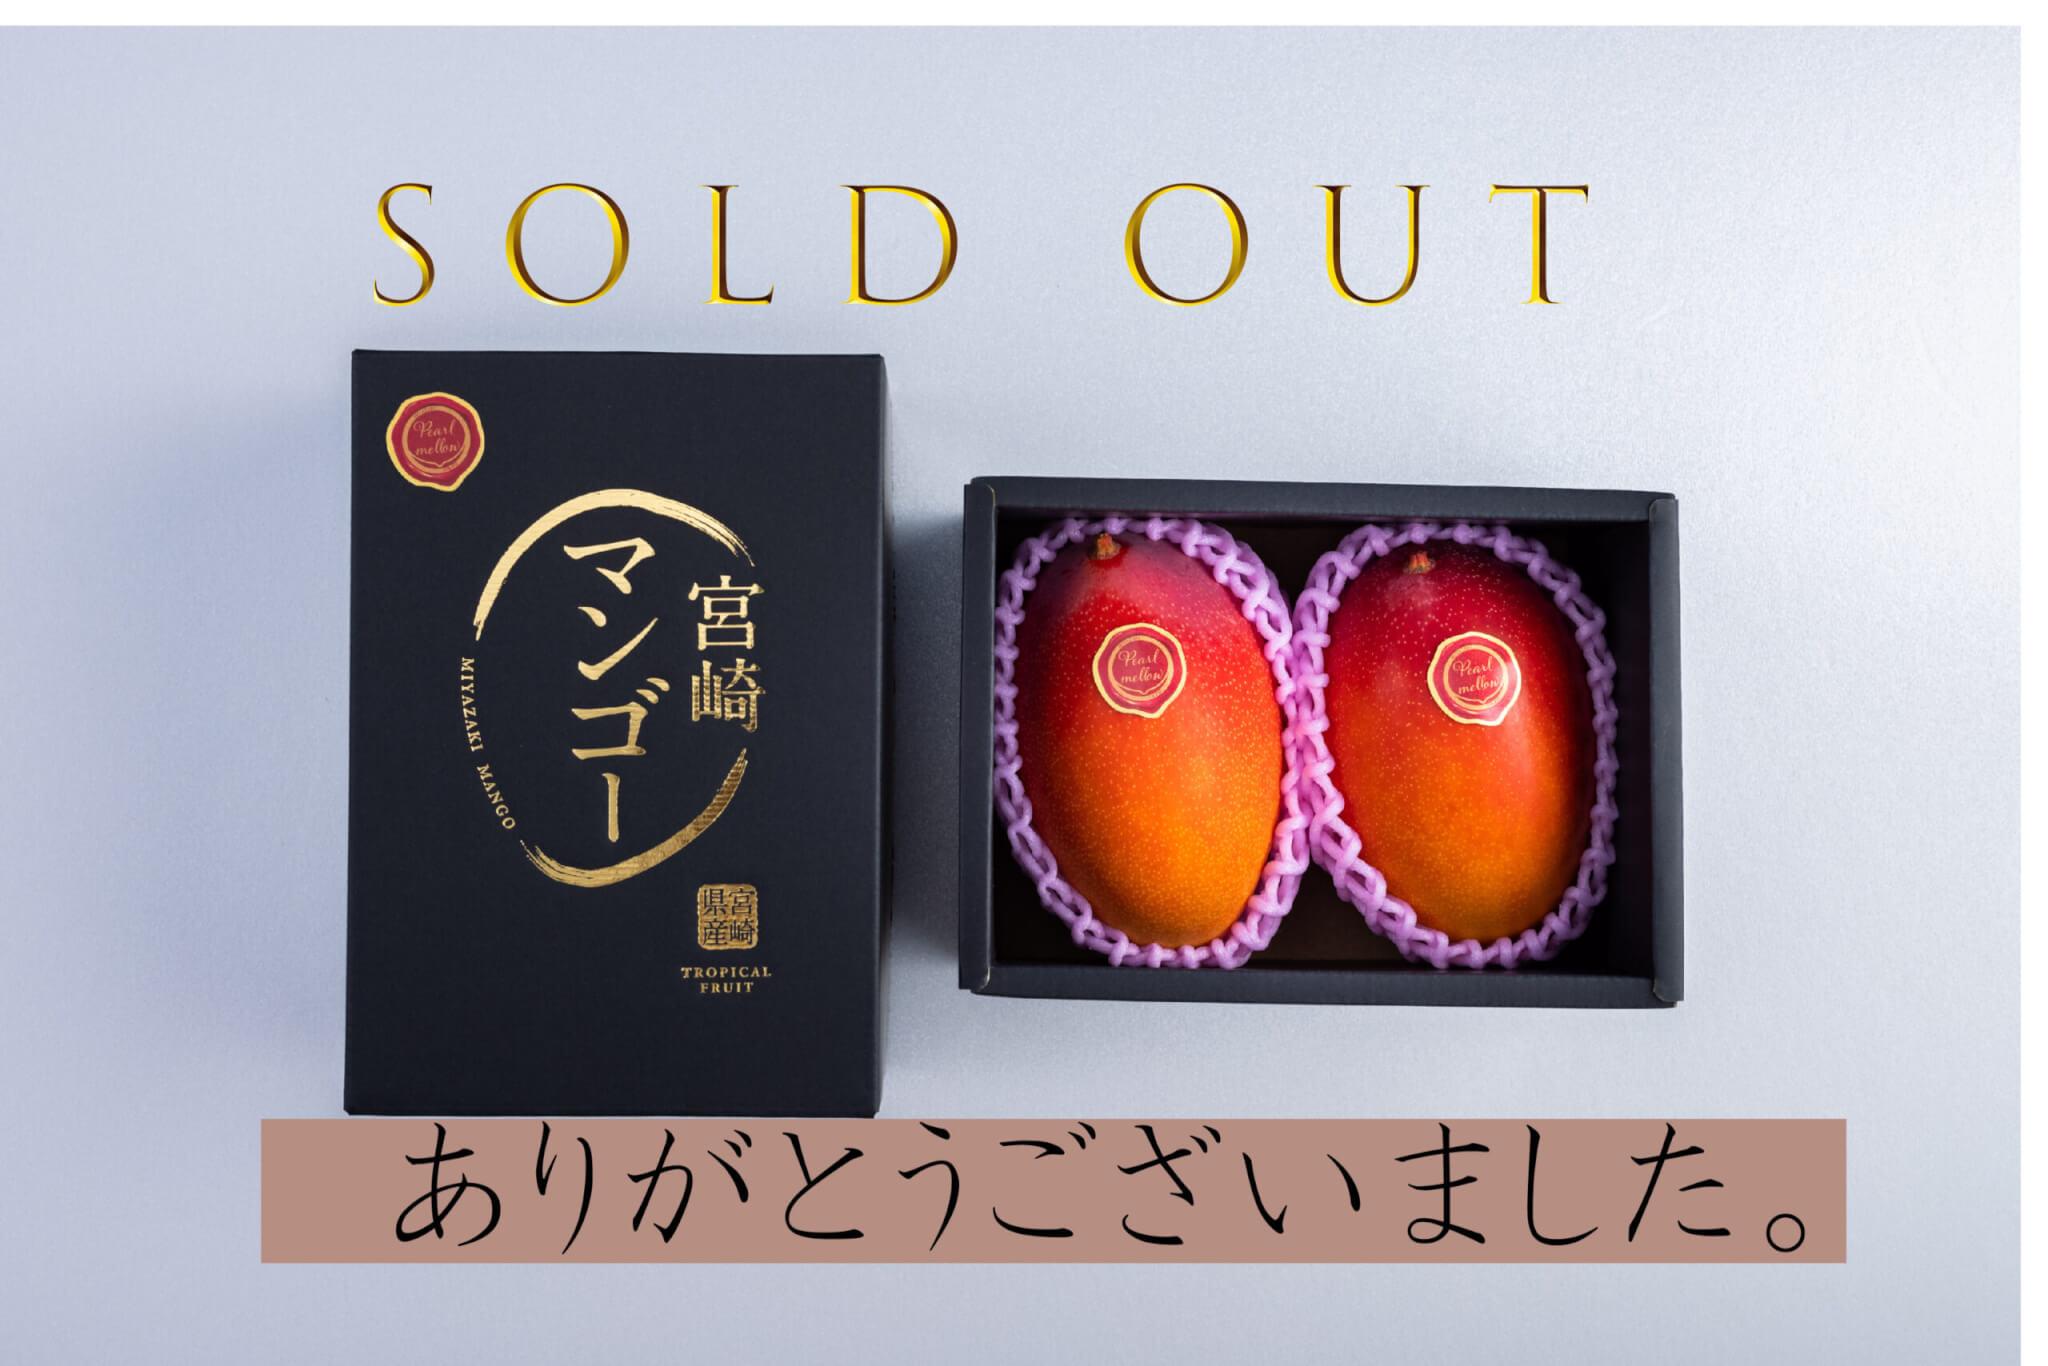 パルメロ 450g~600g×2玉入り【SOLD OUT】